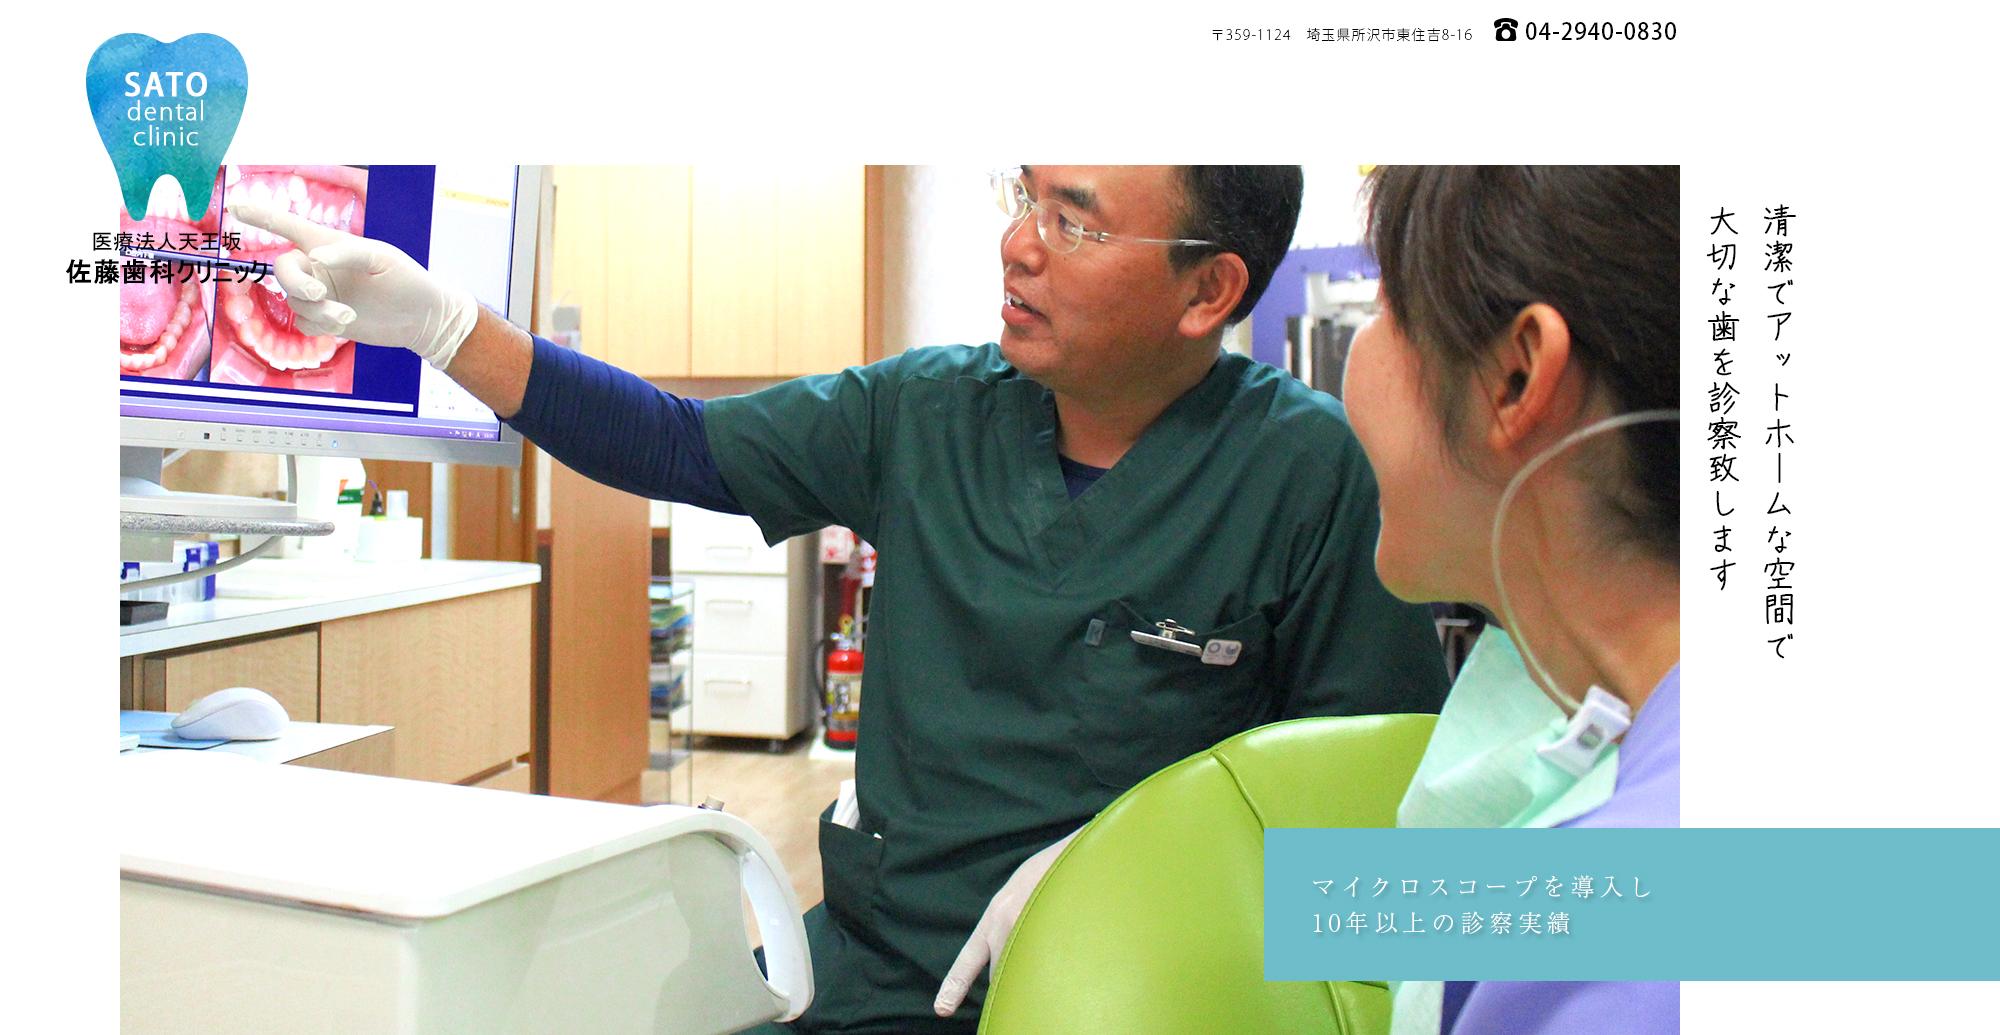 清潔でアットホームな空間で大切な歯を診察致します【医療法人天王坂佐藤歯科クリニック】